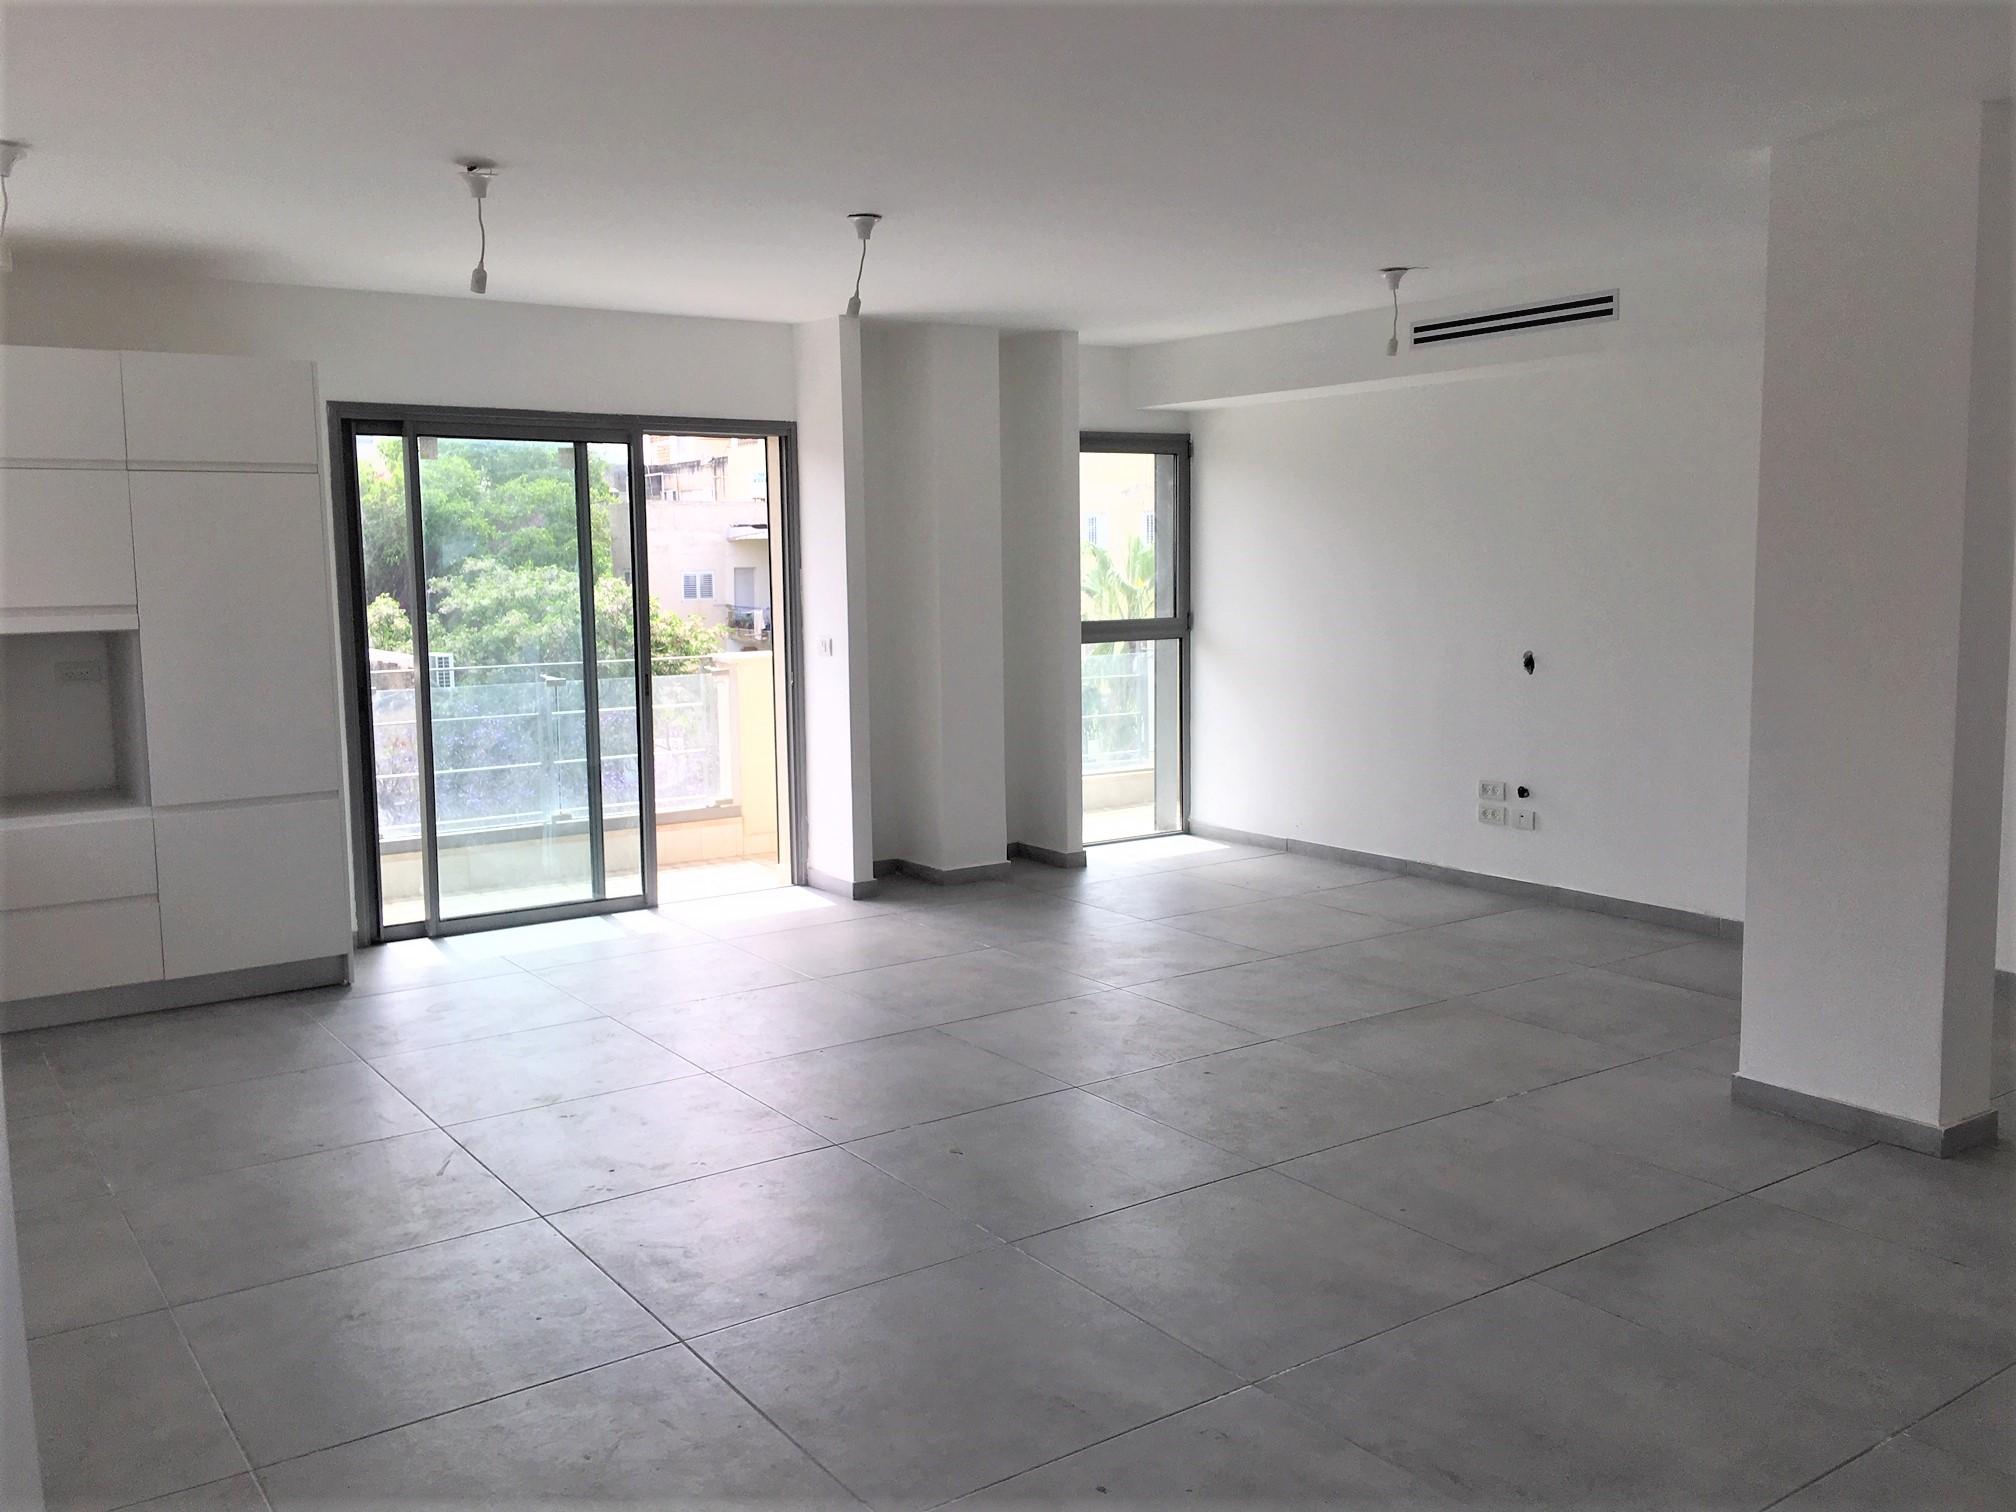 למכירה דירת 5 חדרים בלב העיר תל אביב 2